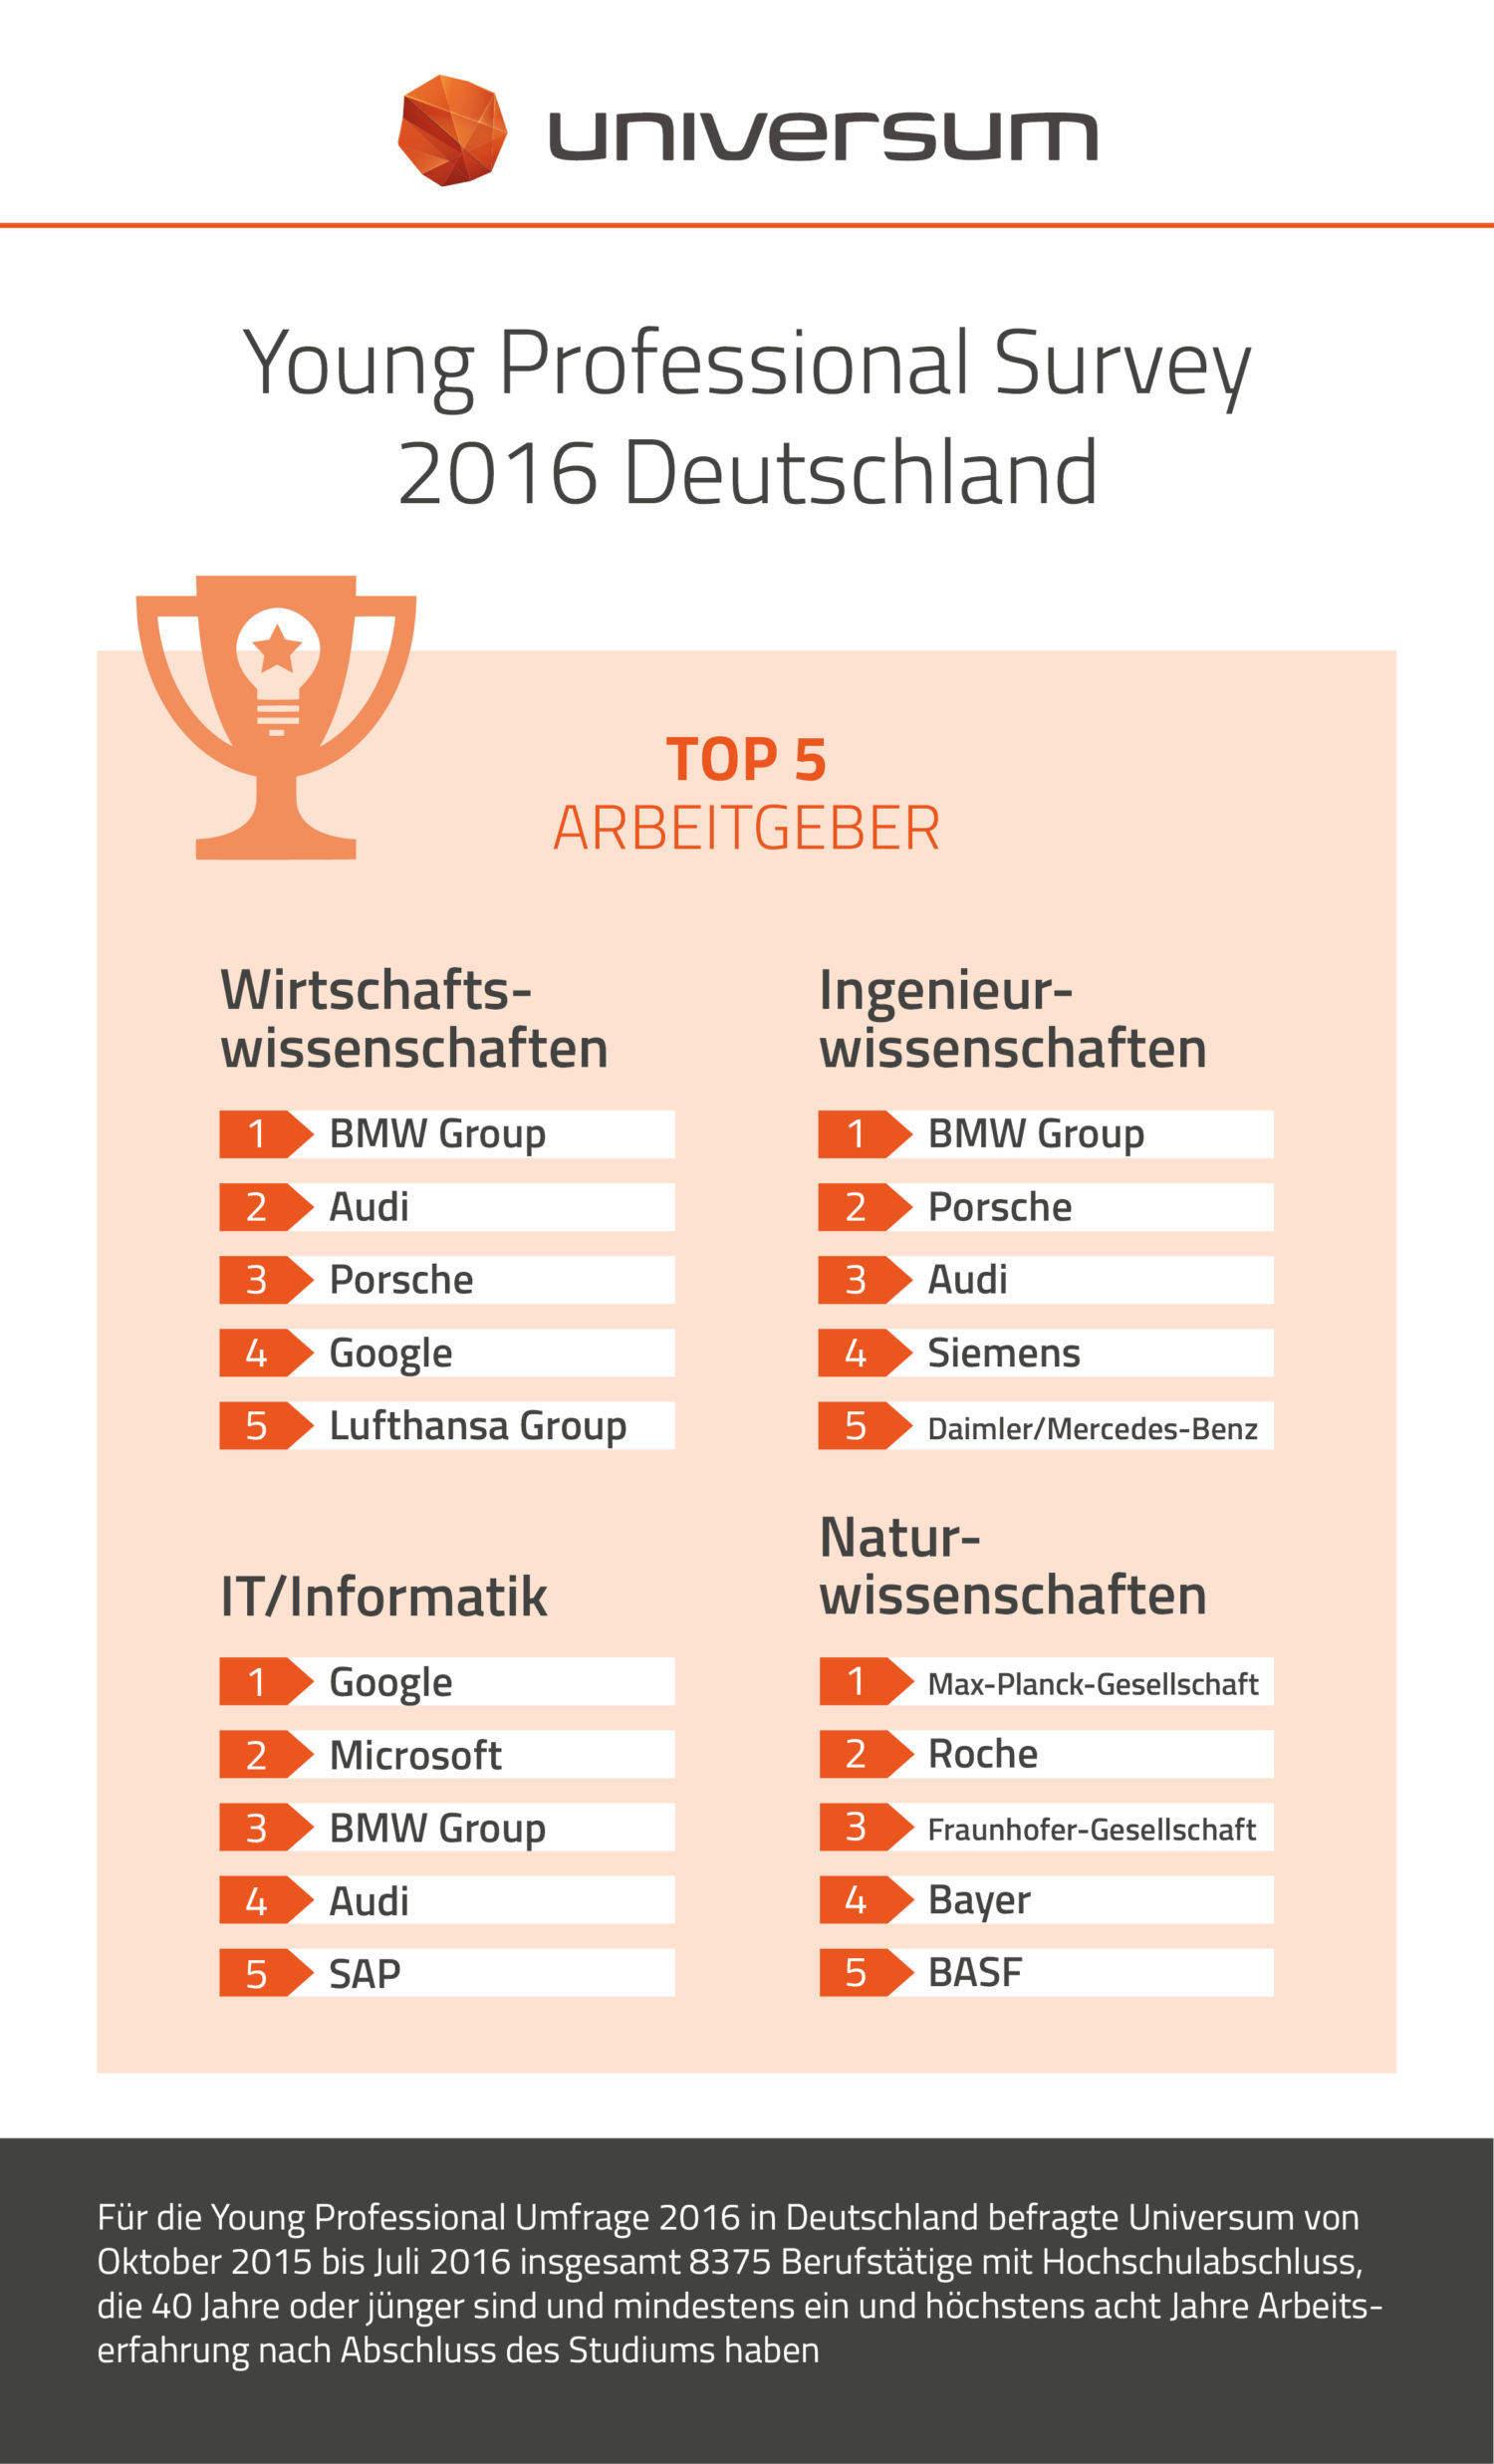 Die Top 5 Arbeitgeber in unterschiedlichen Branchen.